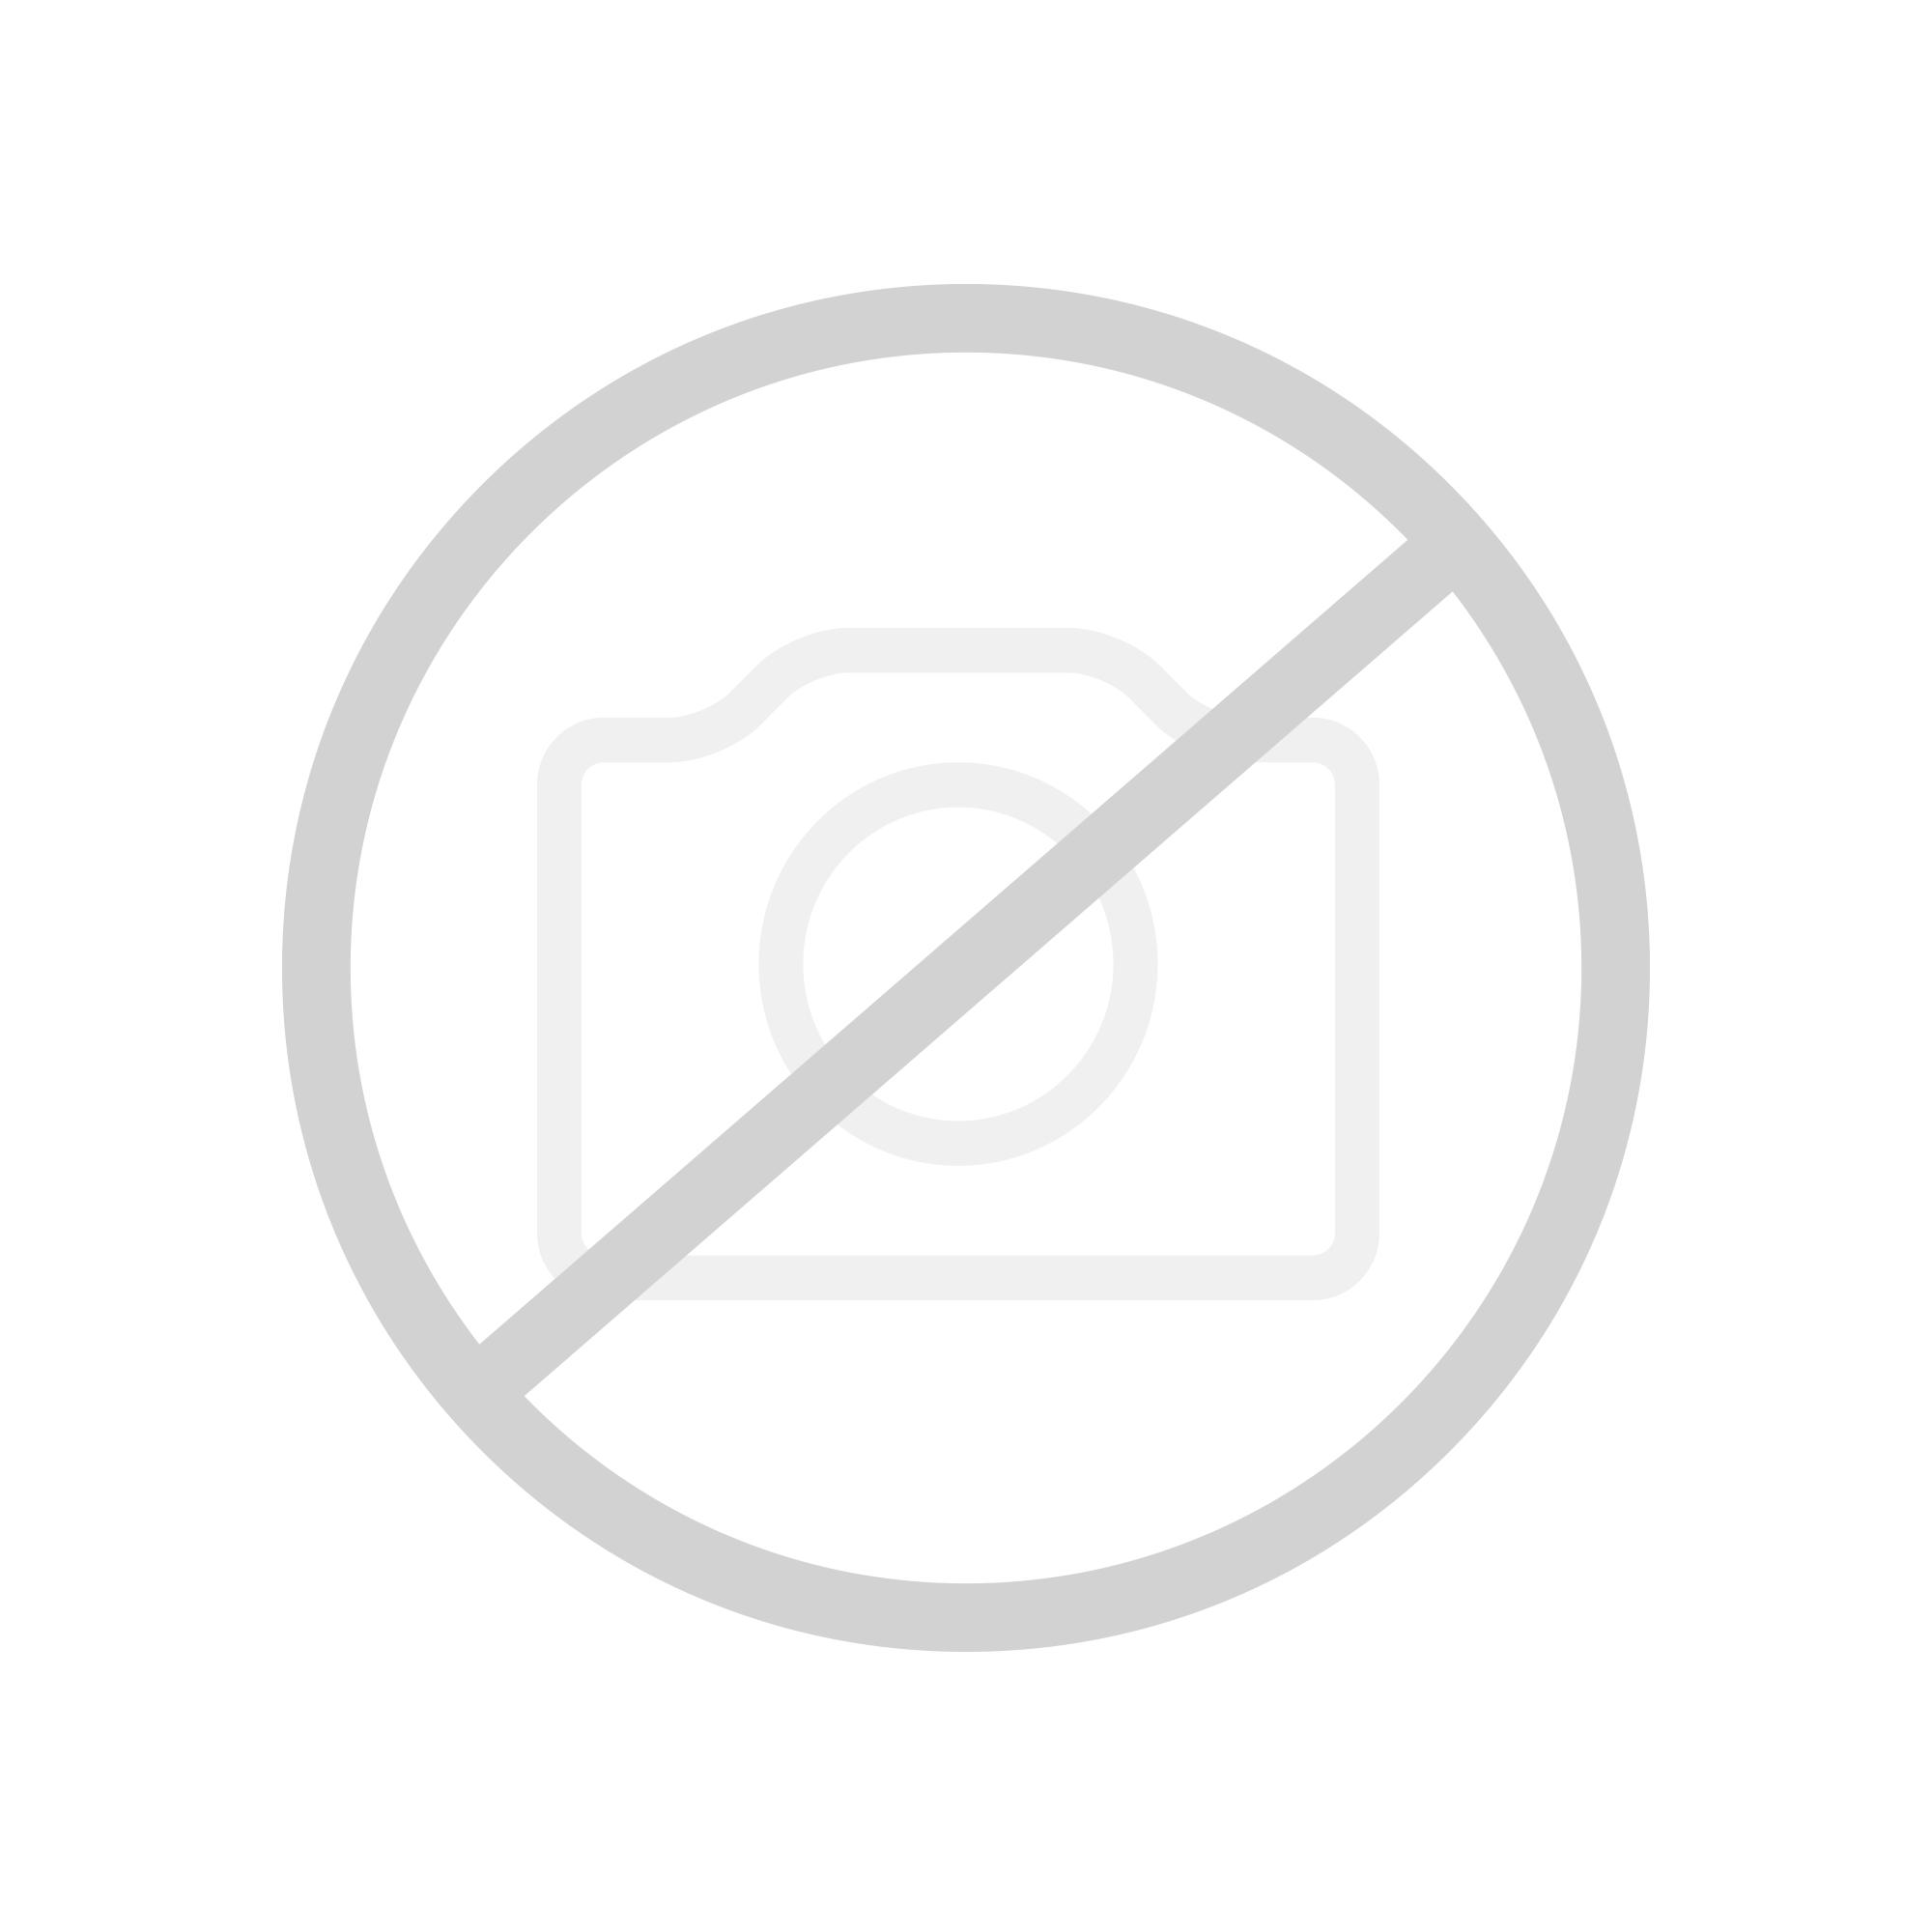 keuco edition 11 handtuchring 11121010000 reuter. Black Bedroom Furniture Sets. Home Design Ideas